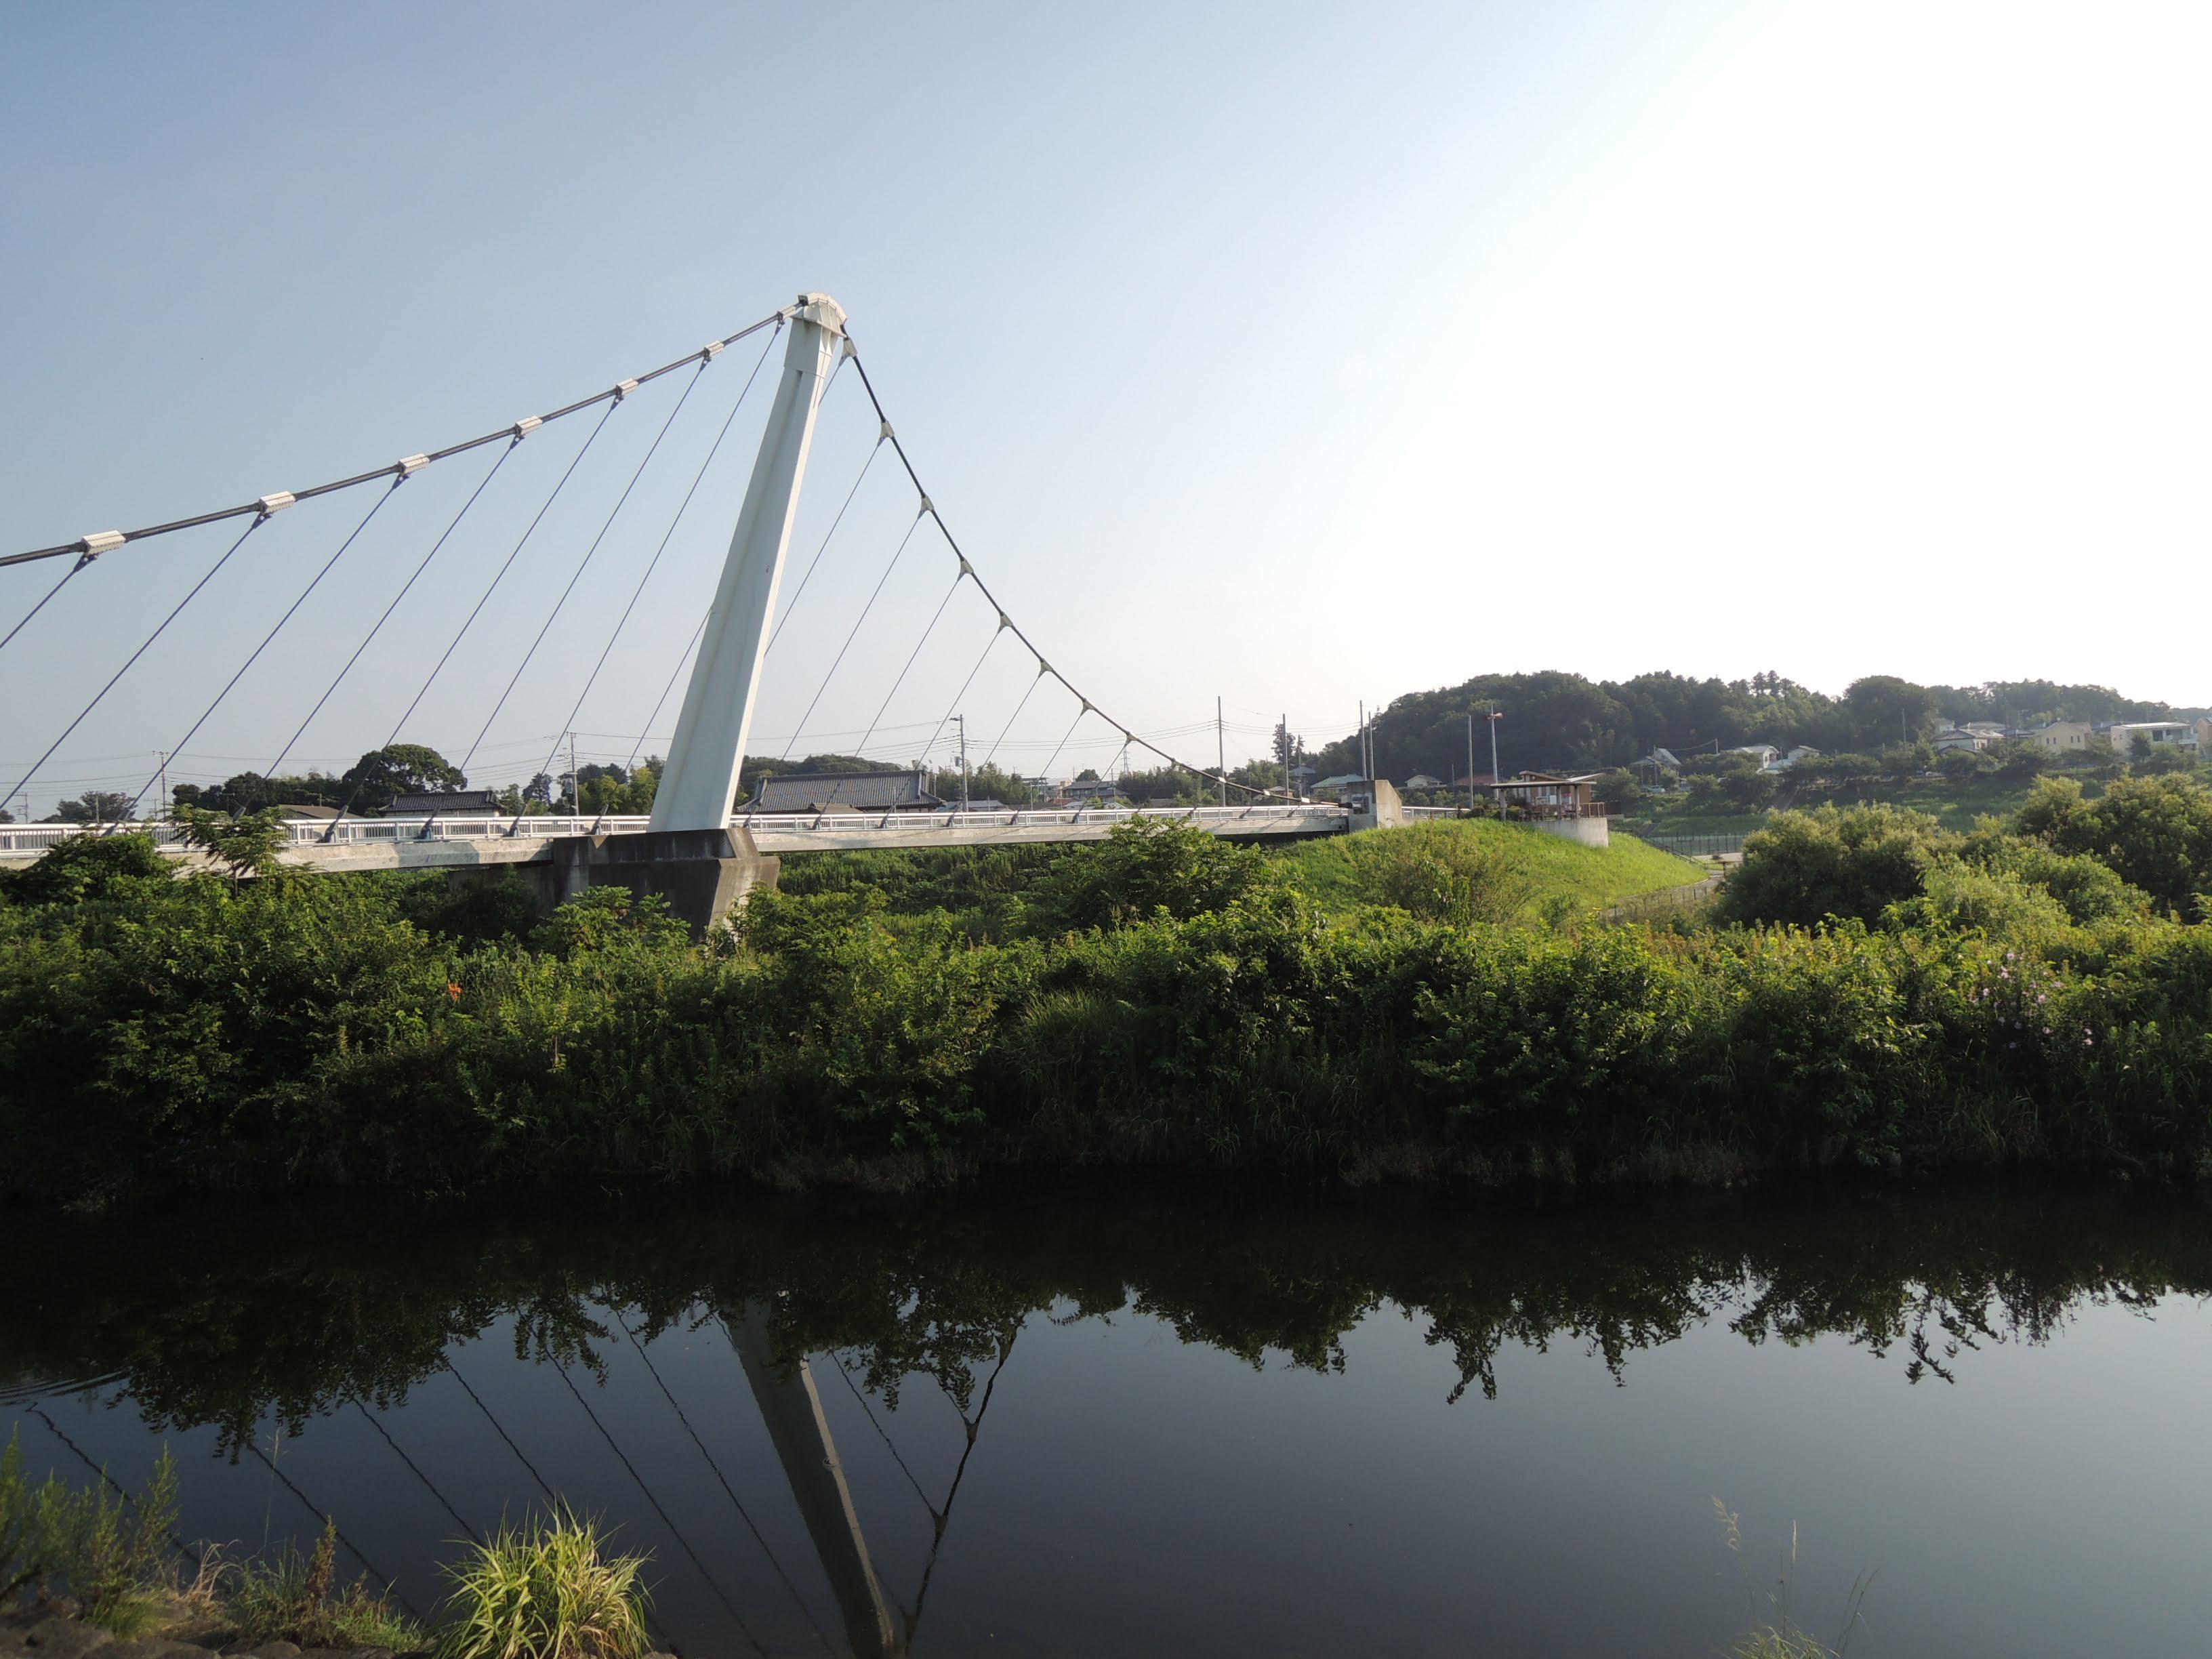 無風の酷暑を予想させる鏡面のような境川と鷺舞橋